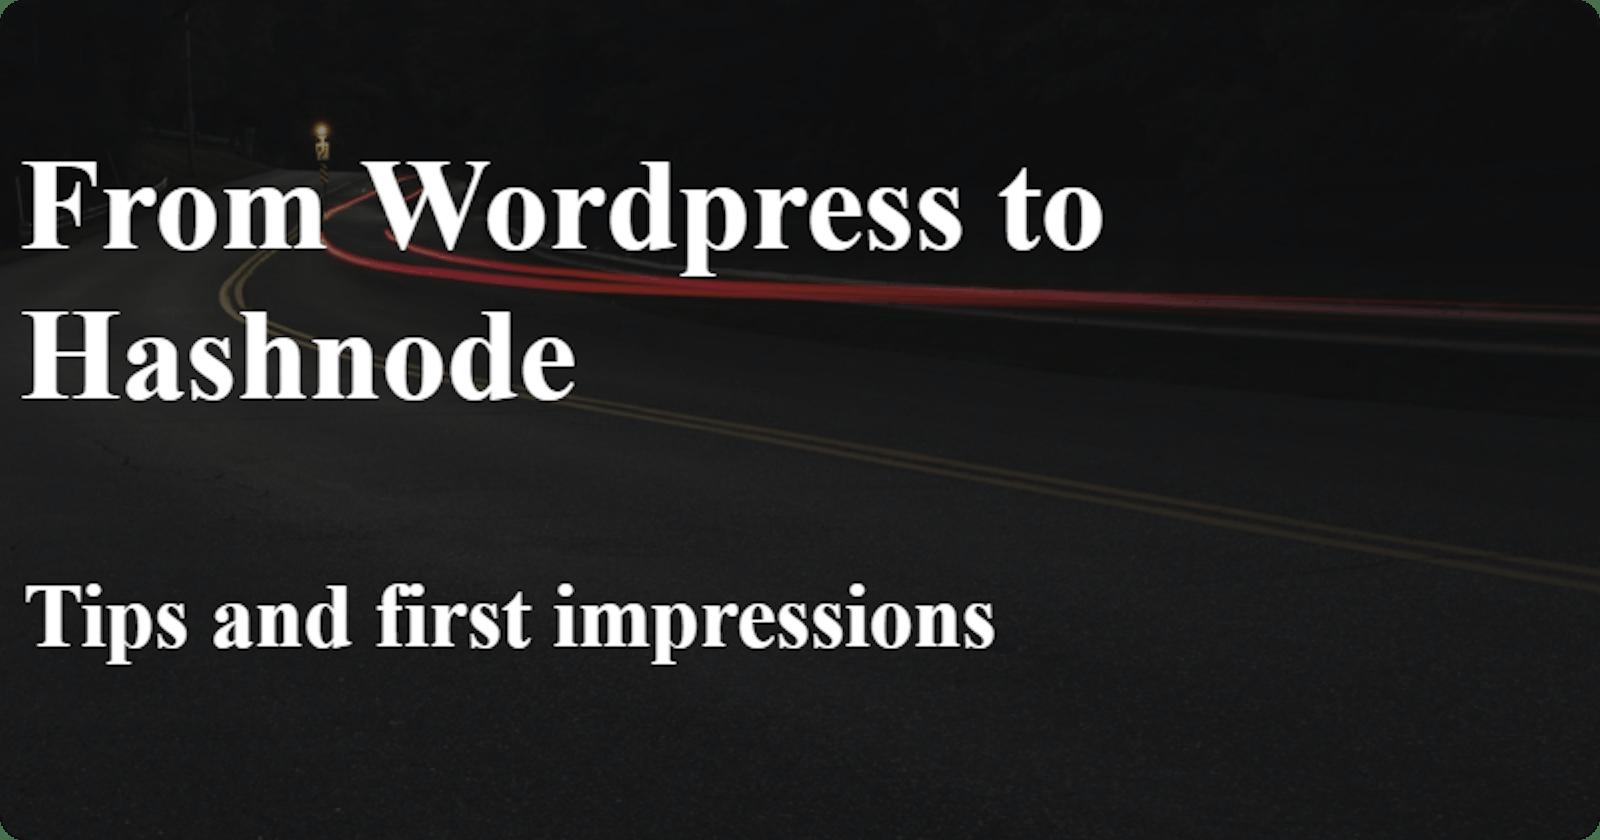 Migrating from GoDaddy's Wordpress hosting to Hashnode